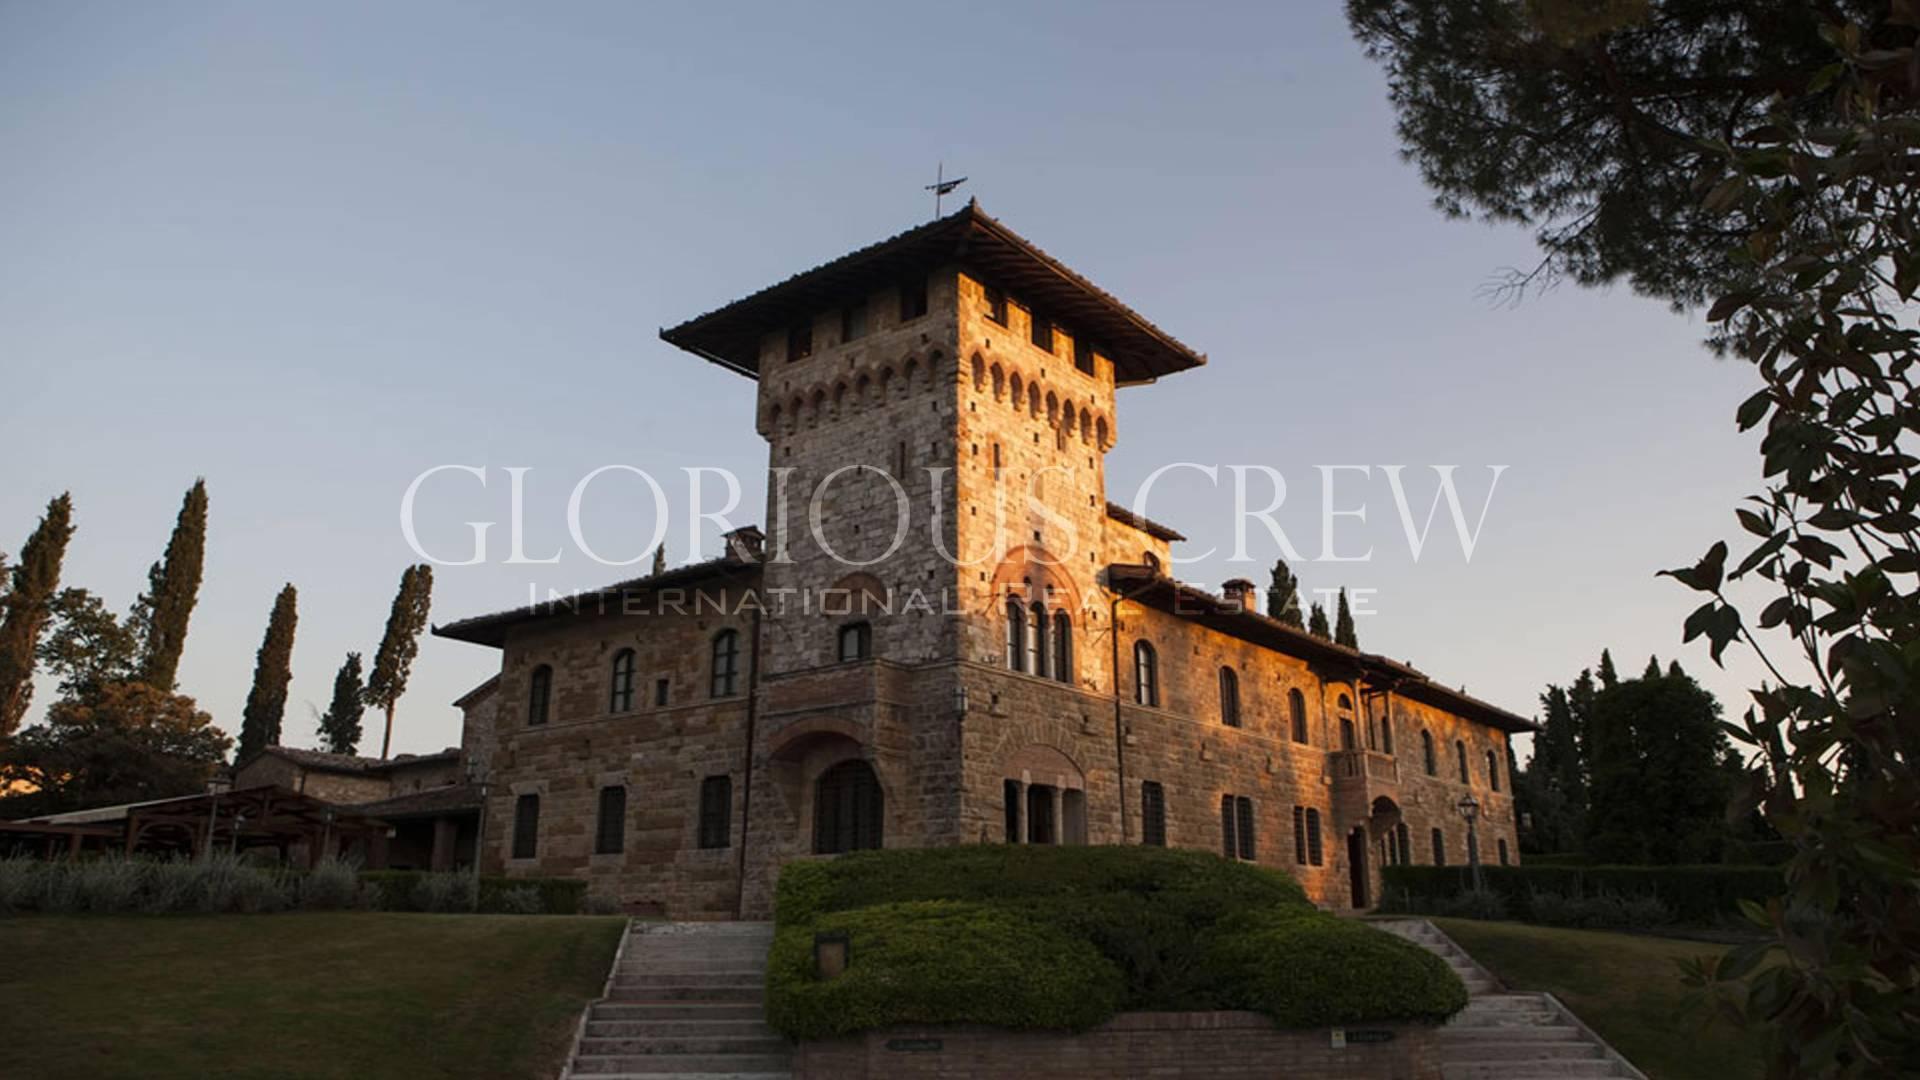 Rustico in Vendita a San Gimignano: 5 locali, 2500 mq - Foto 3